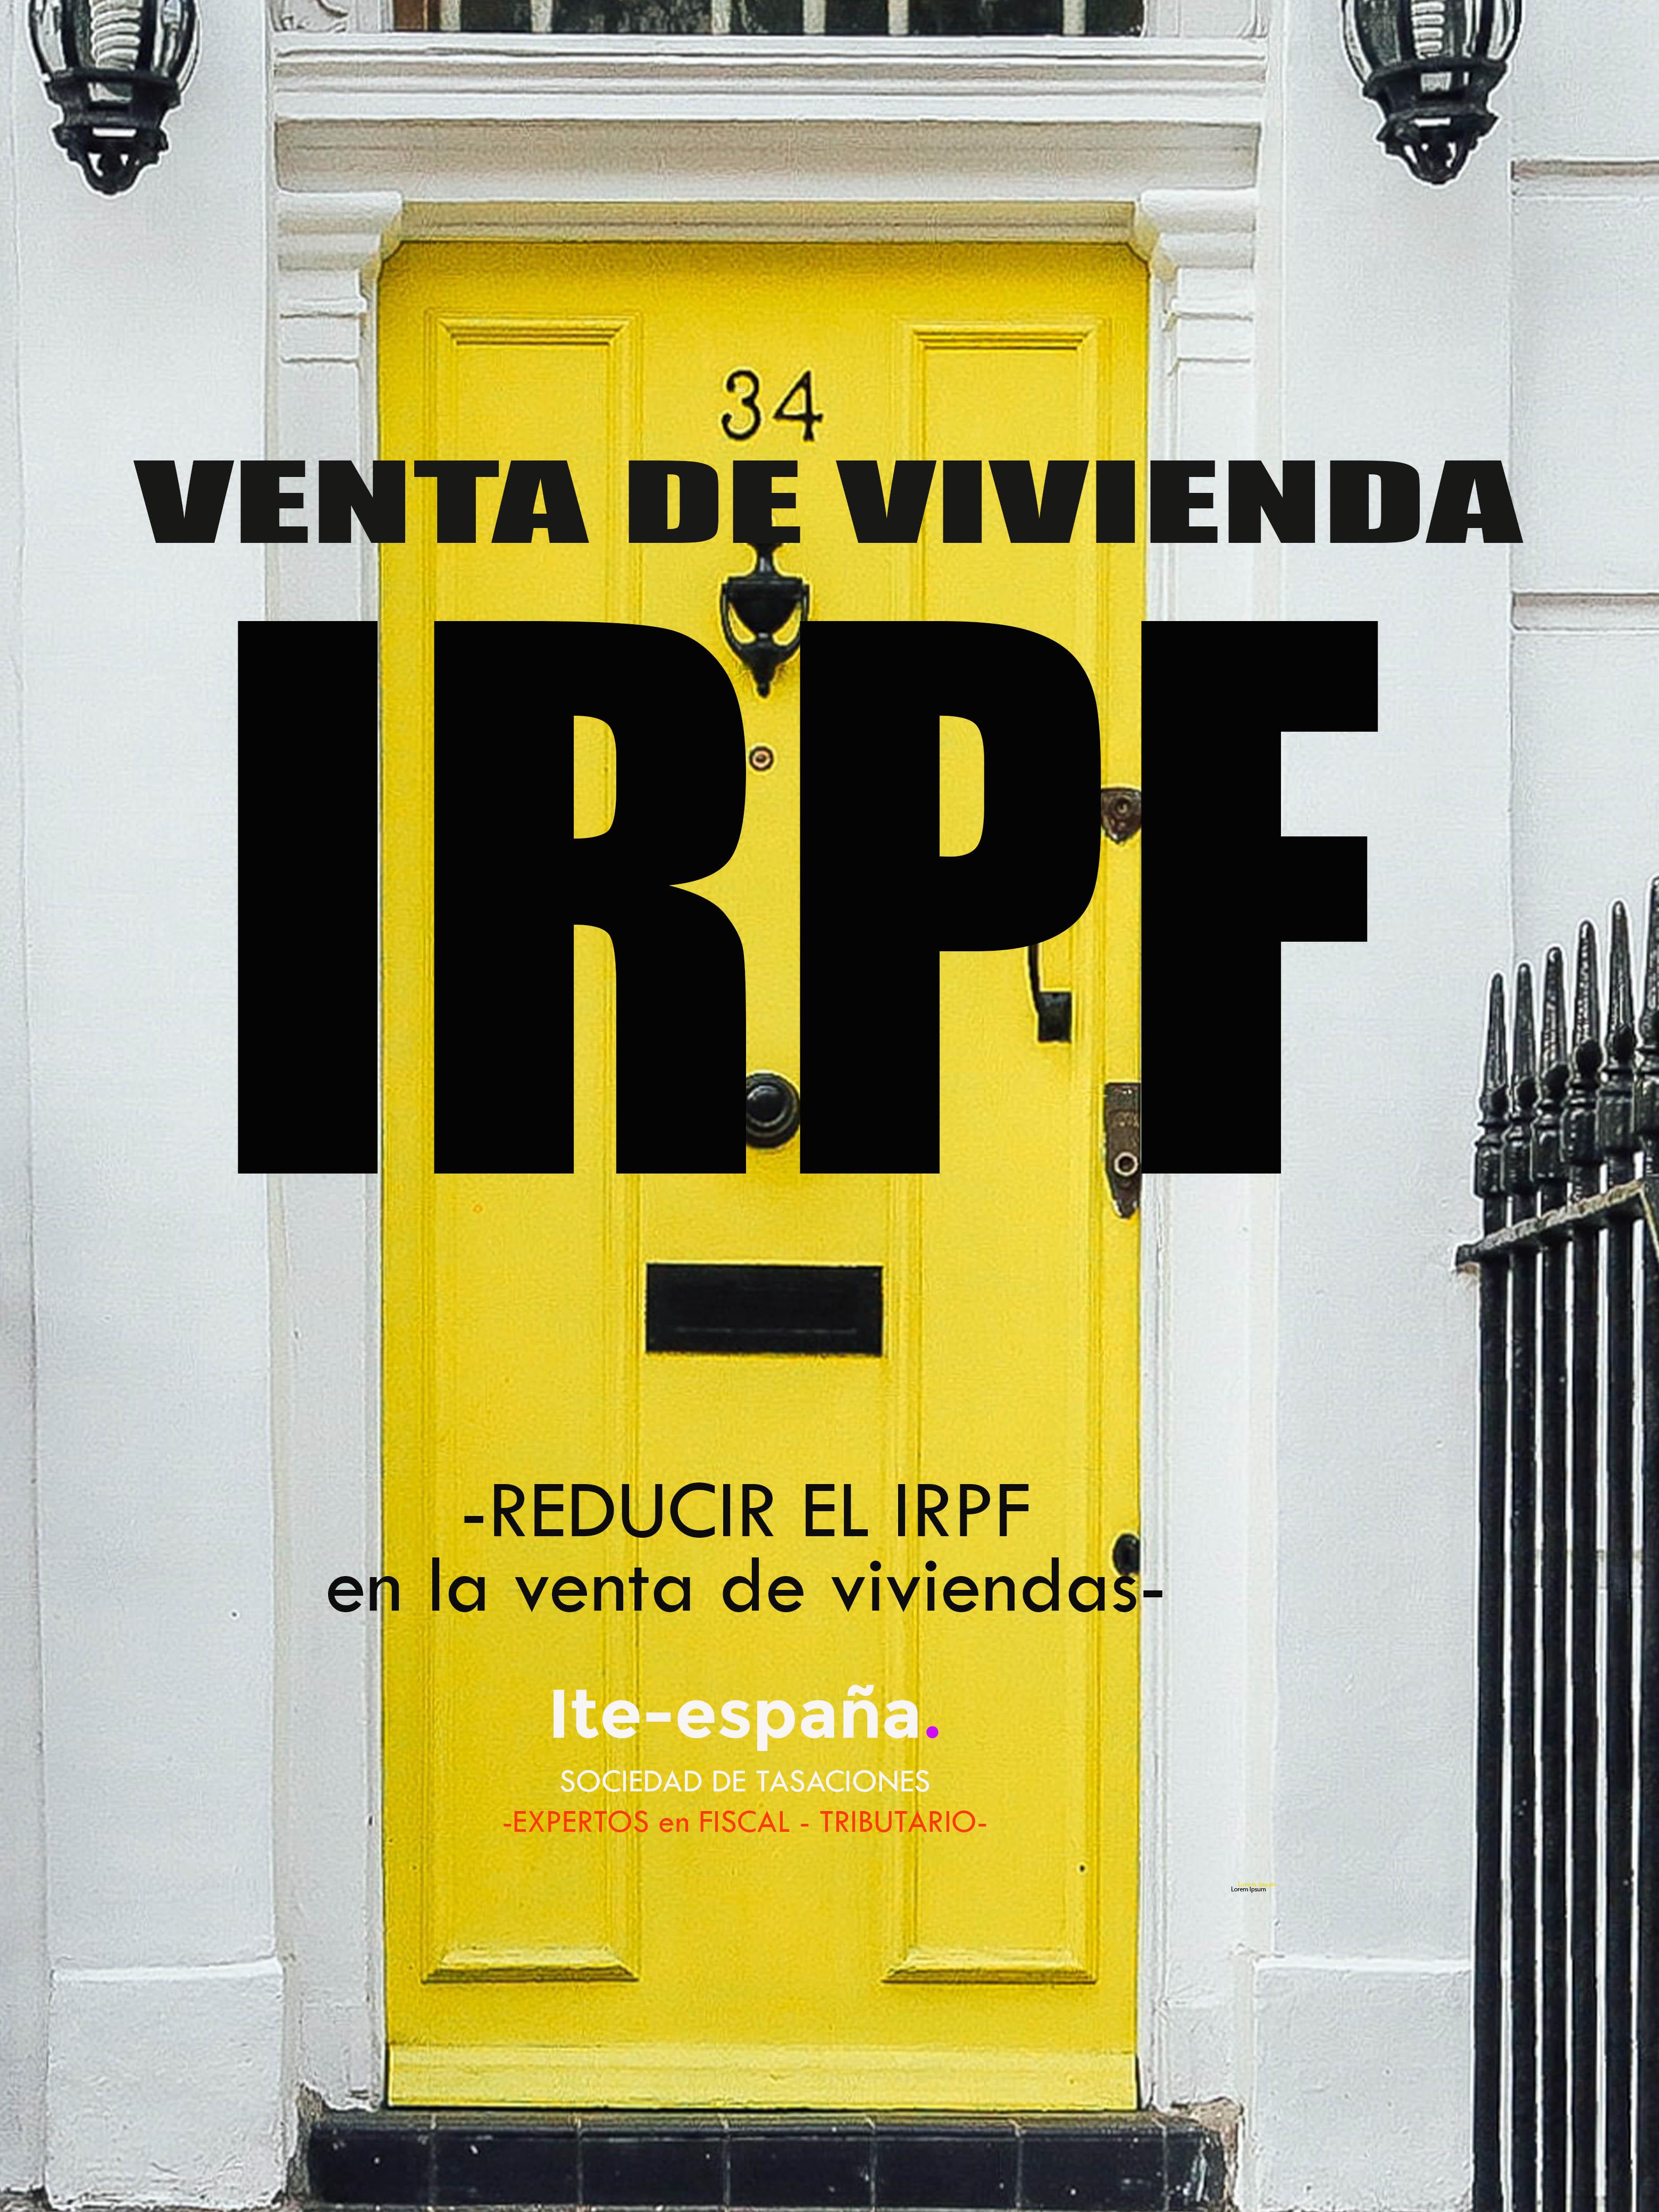 IRPF venta vivienda